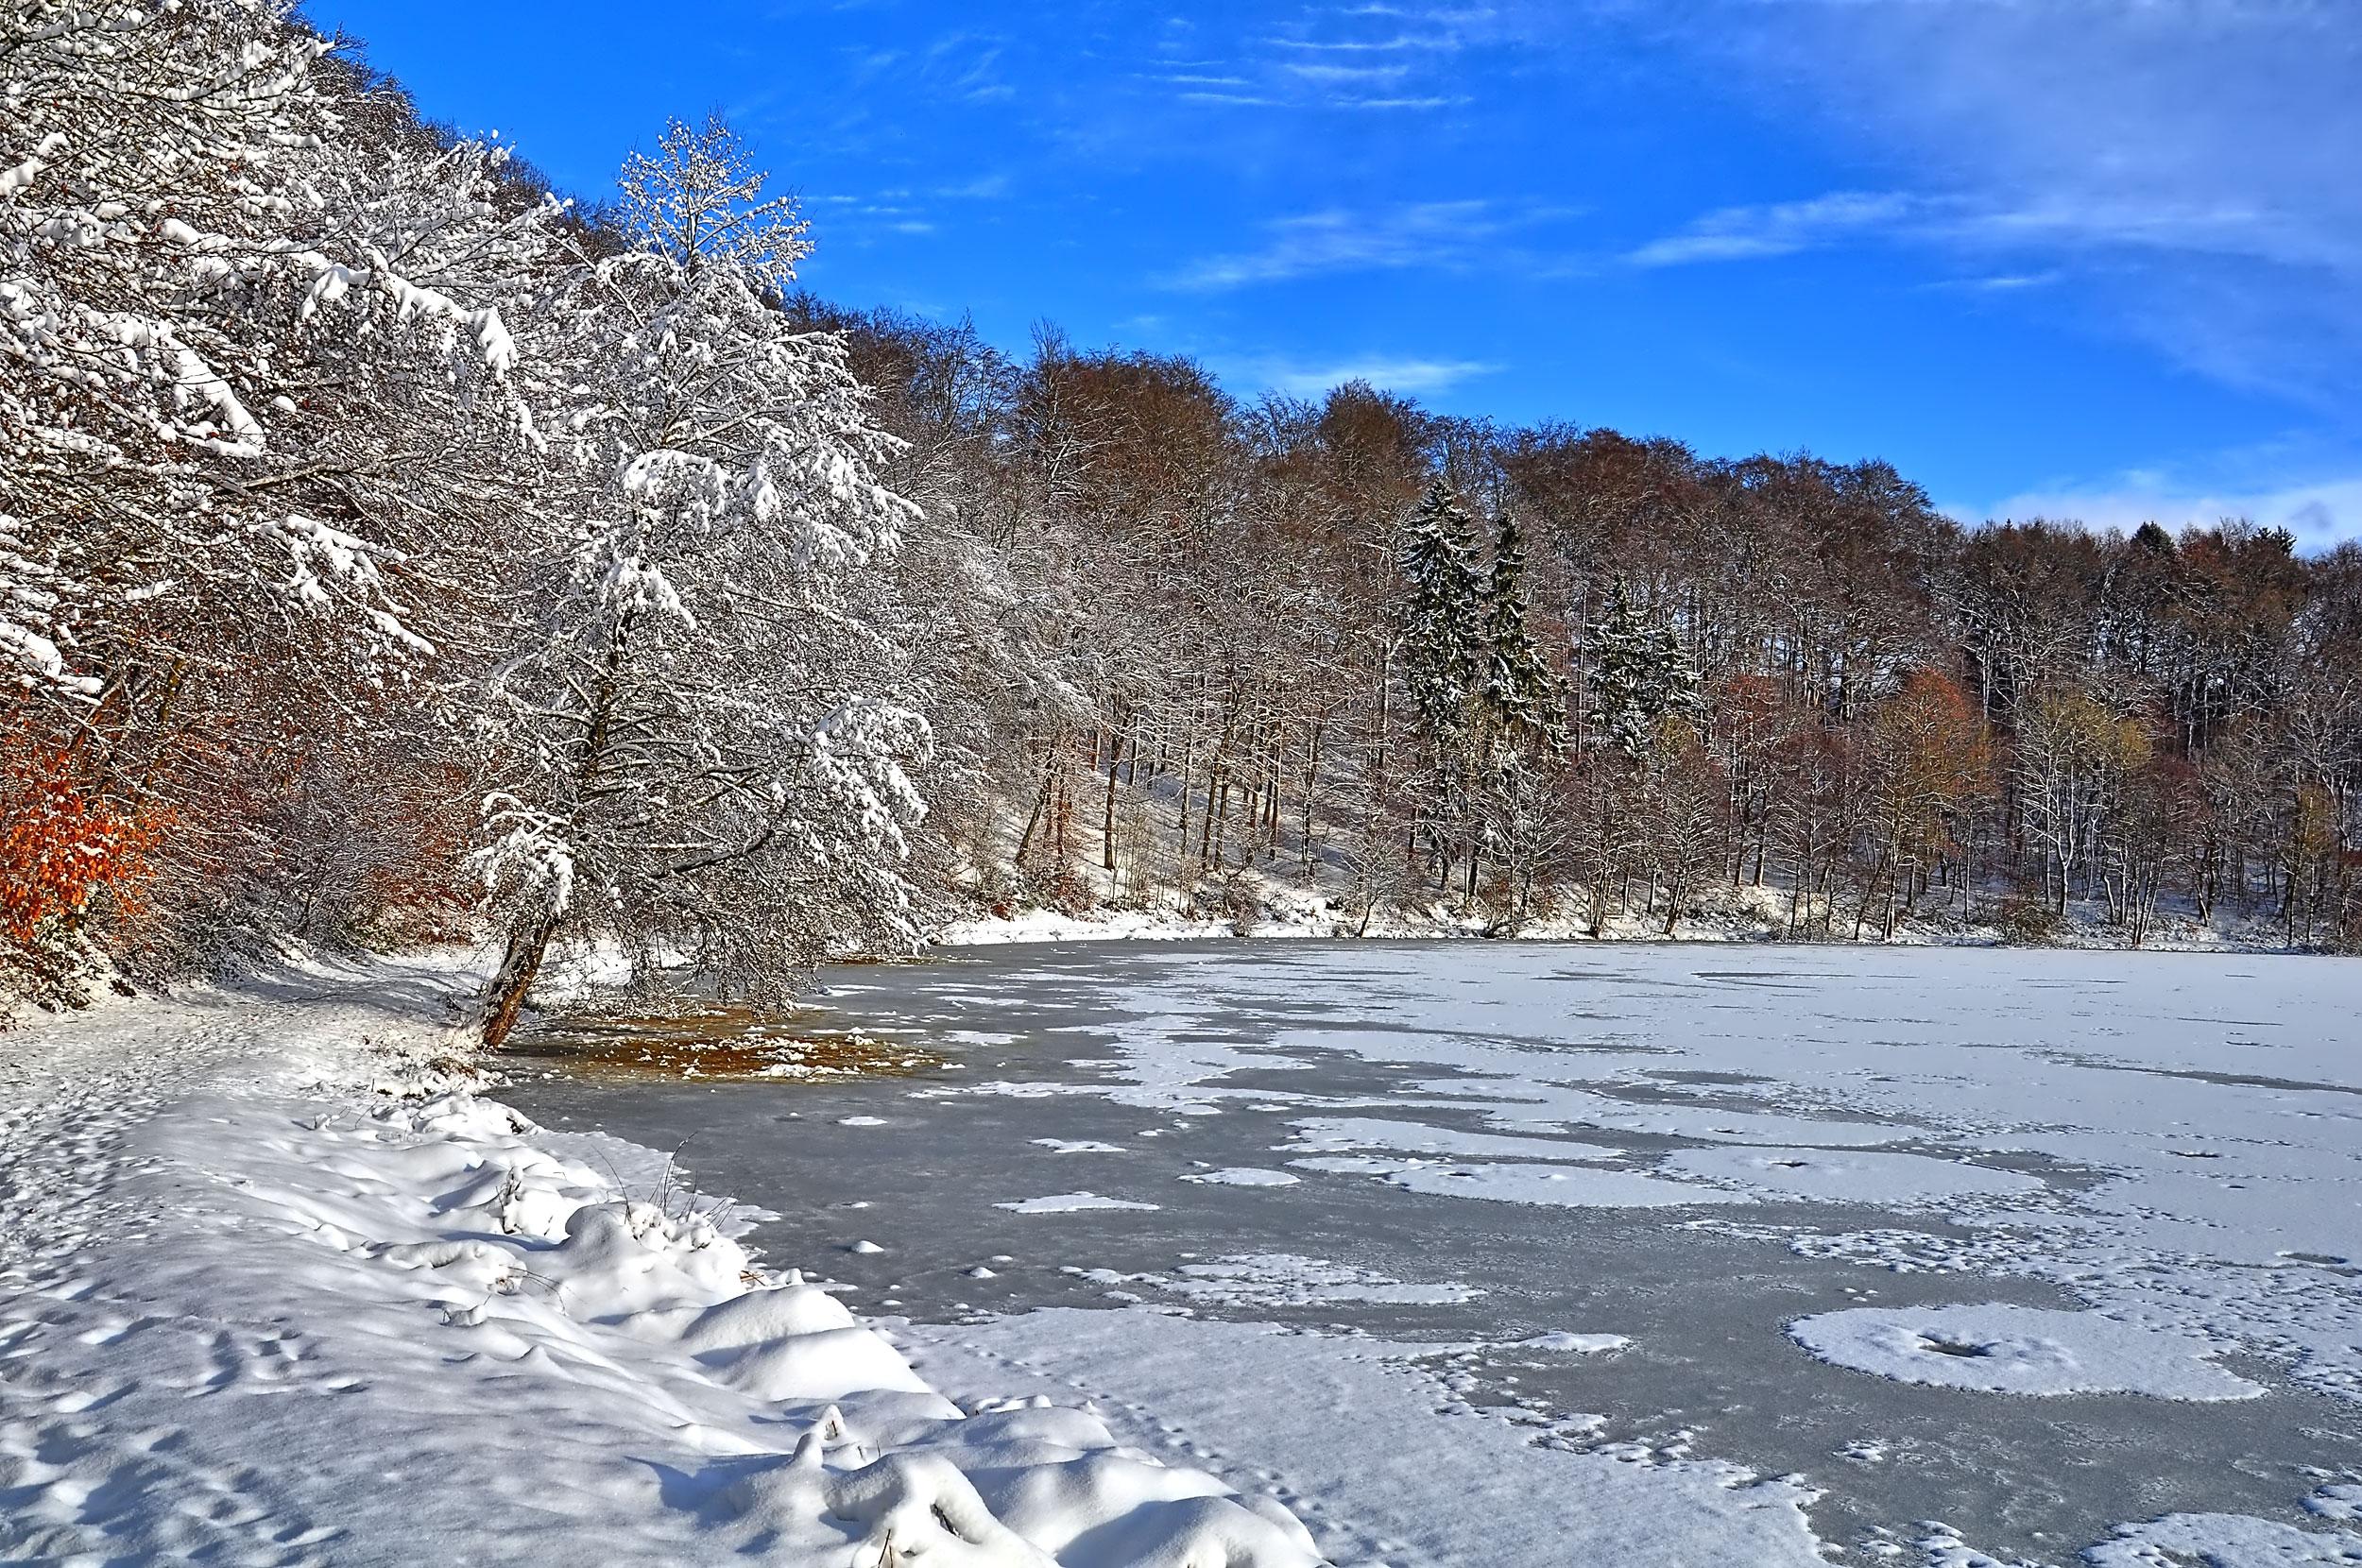 Winterwanderung durchs Sammetbachtal - Am Holzmaar